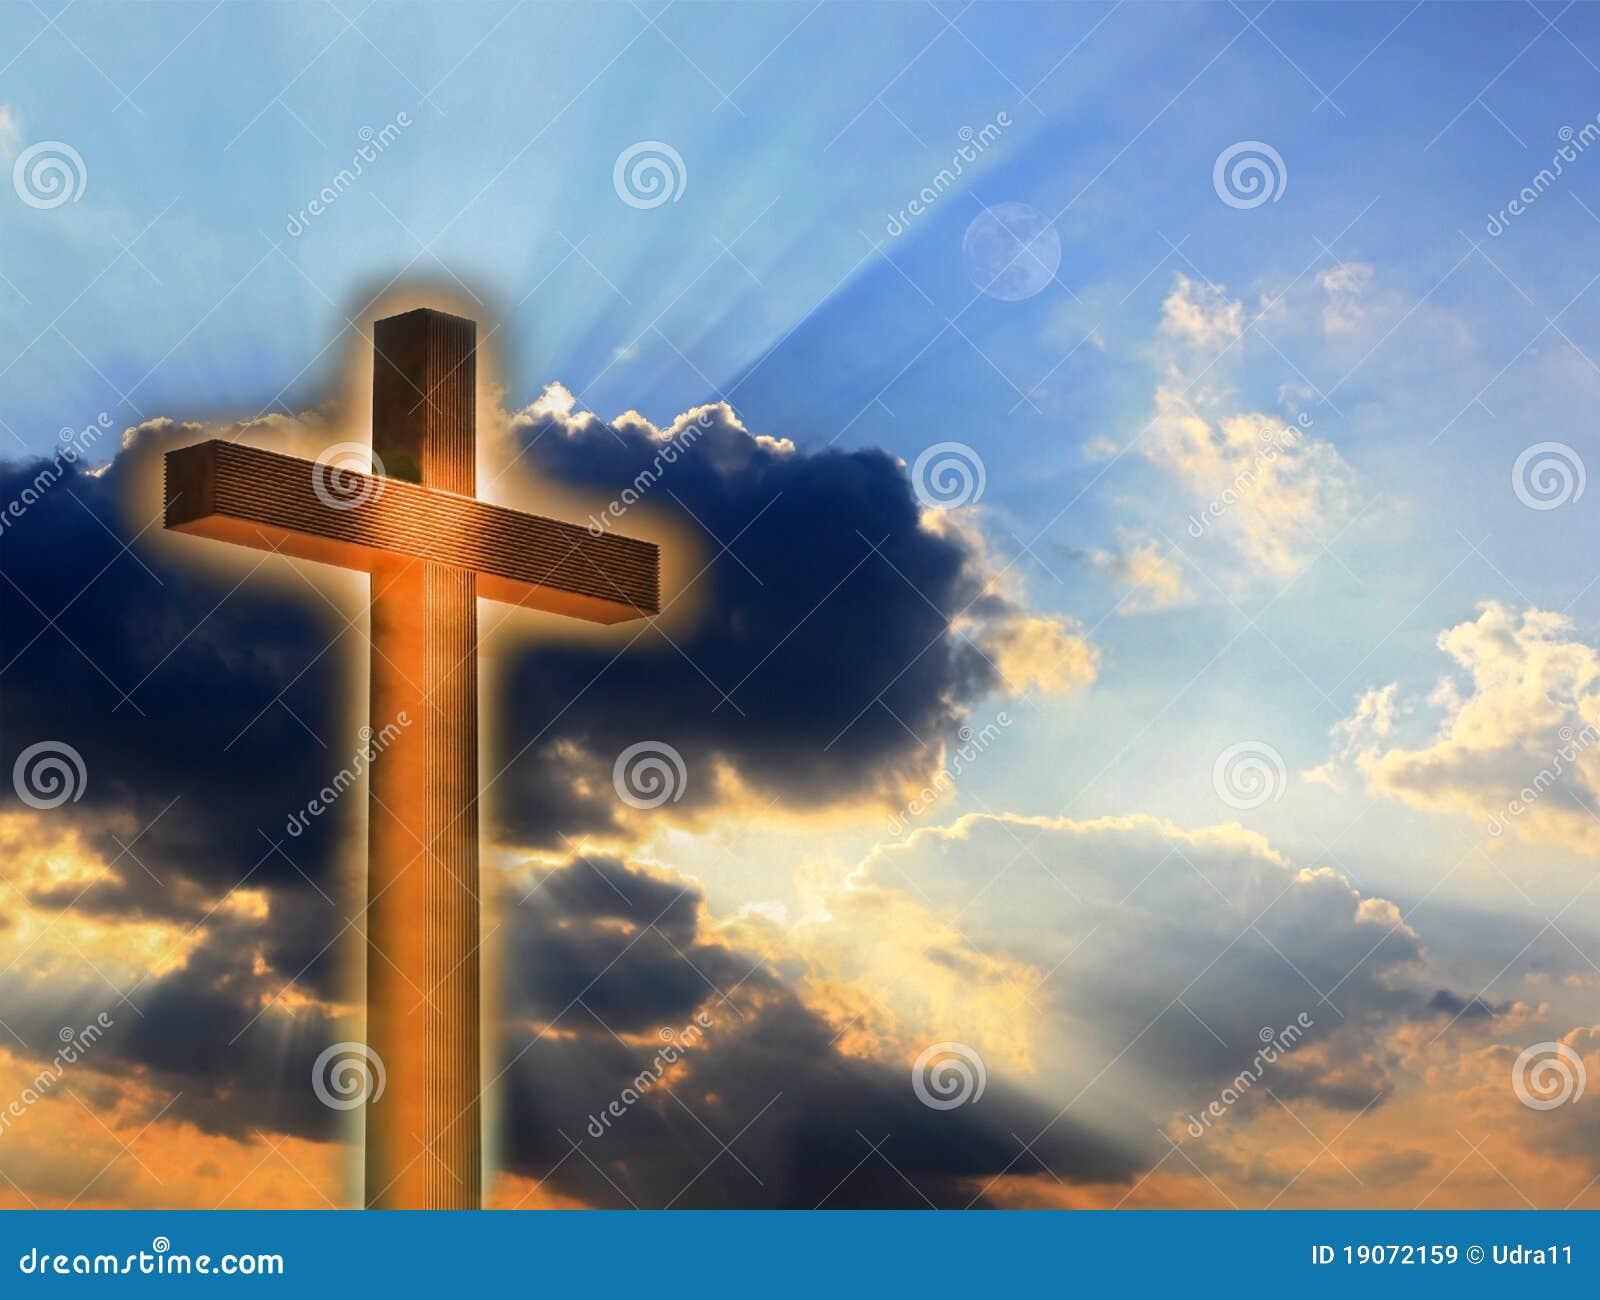 Cross in fire on sky